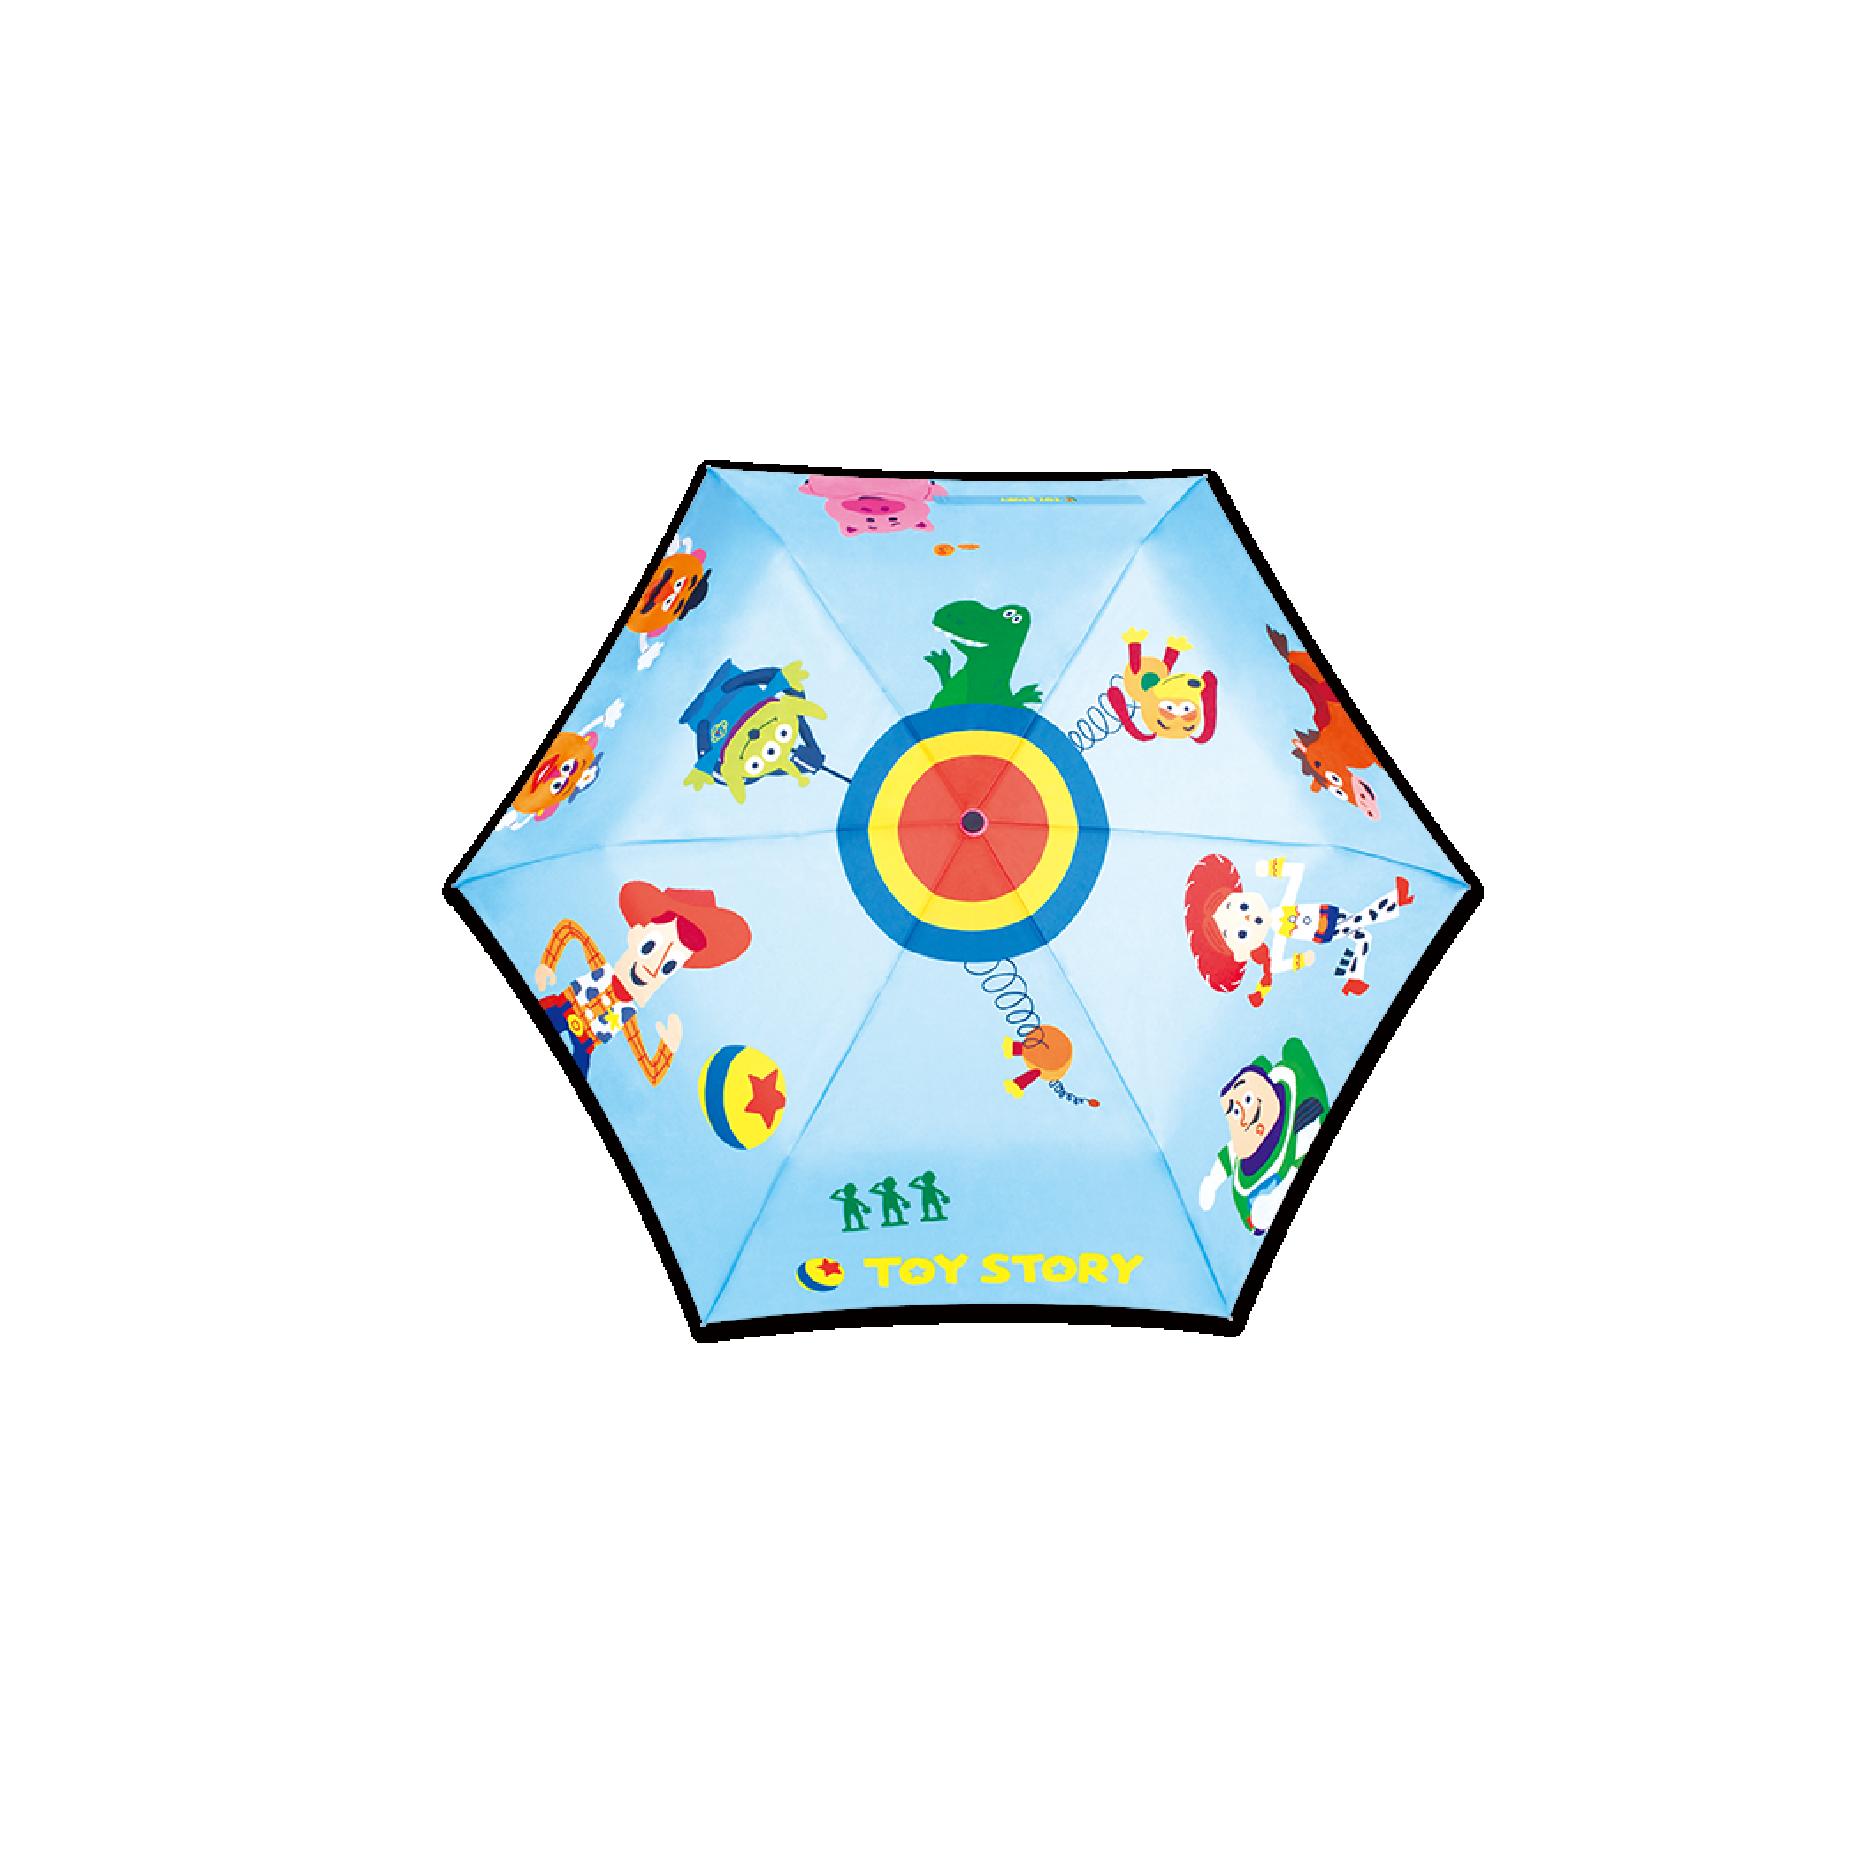 玩具總動員系列 陶瓷盤 胡迪與叉奇款